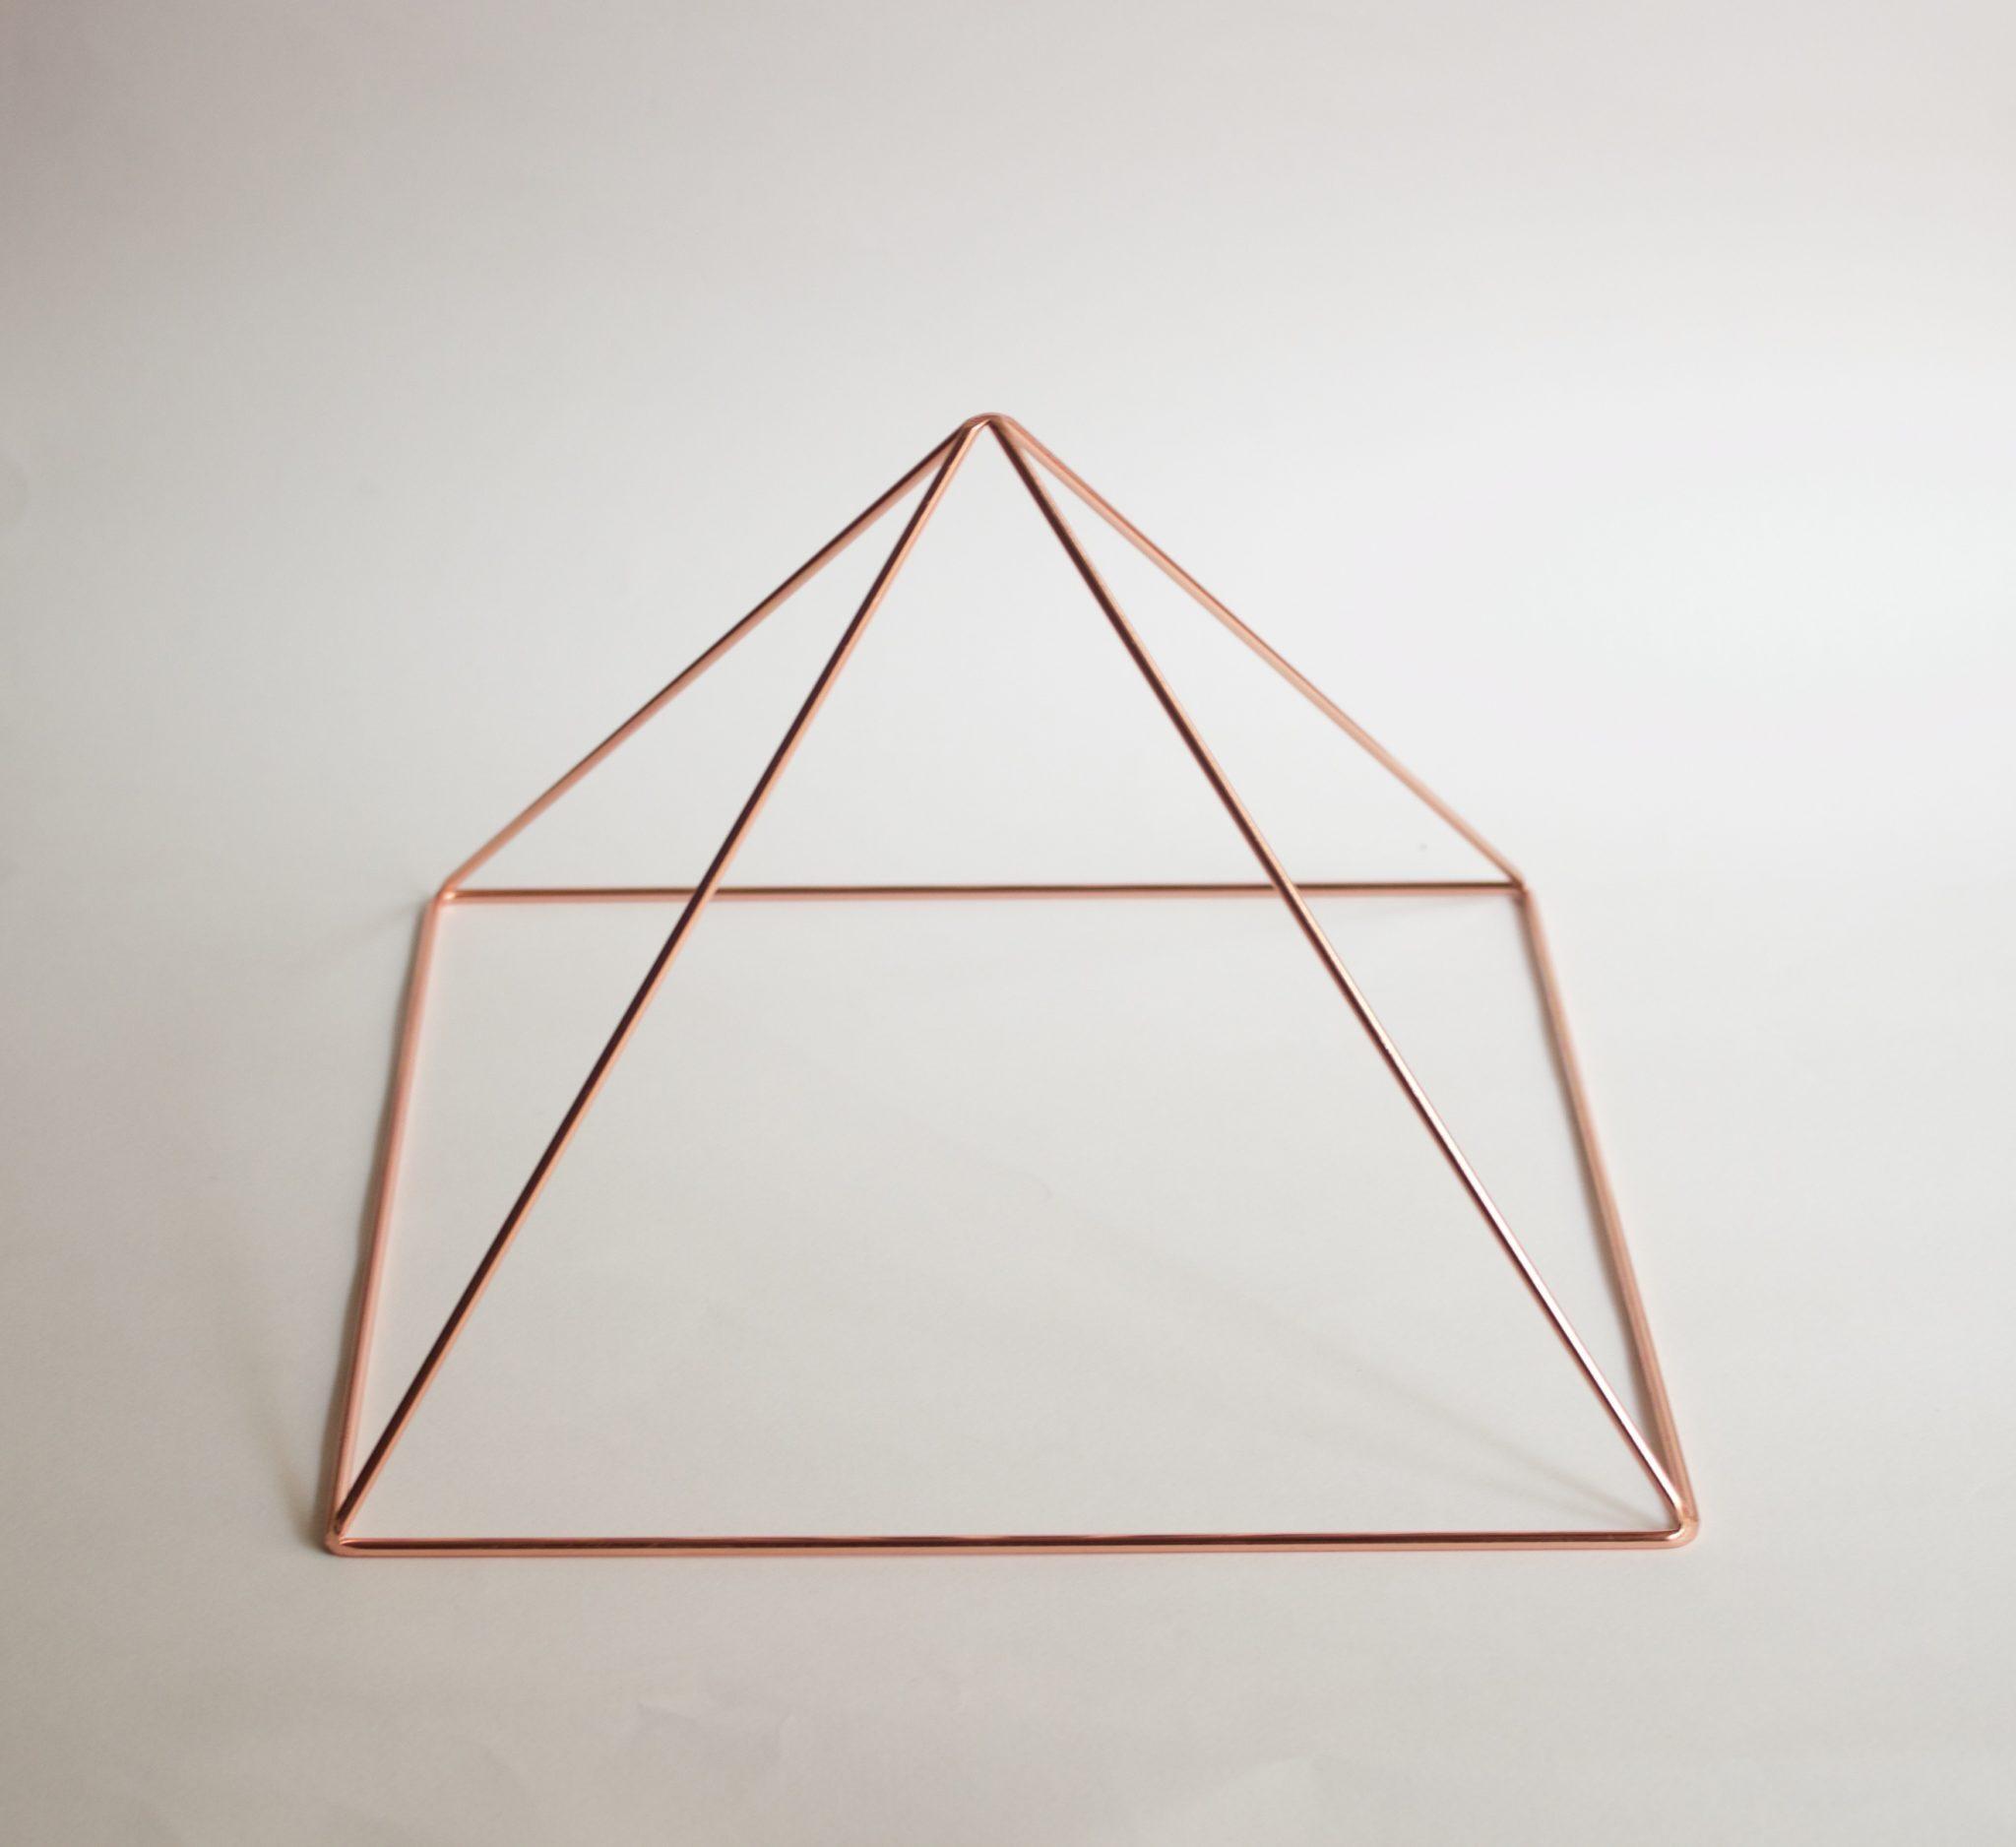 メディテーション 瞑想 ピラミッド 銅製 183cm X 183cm (底辺)